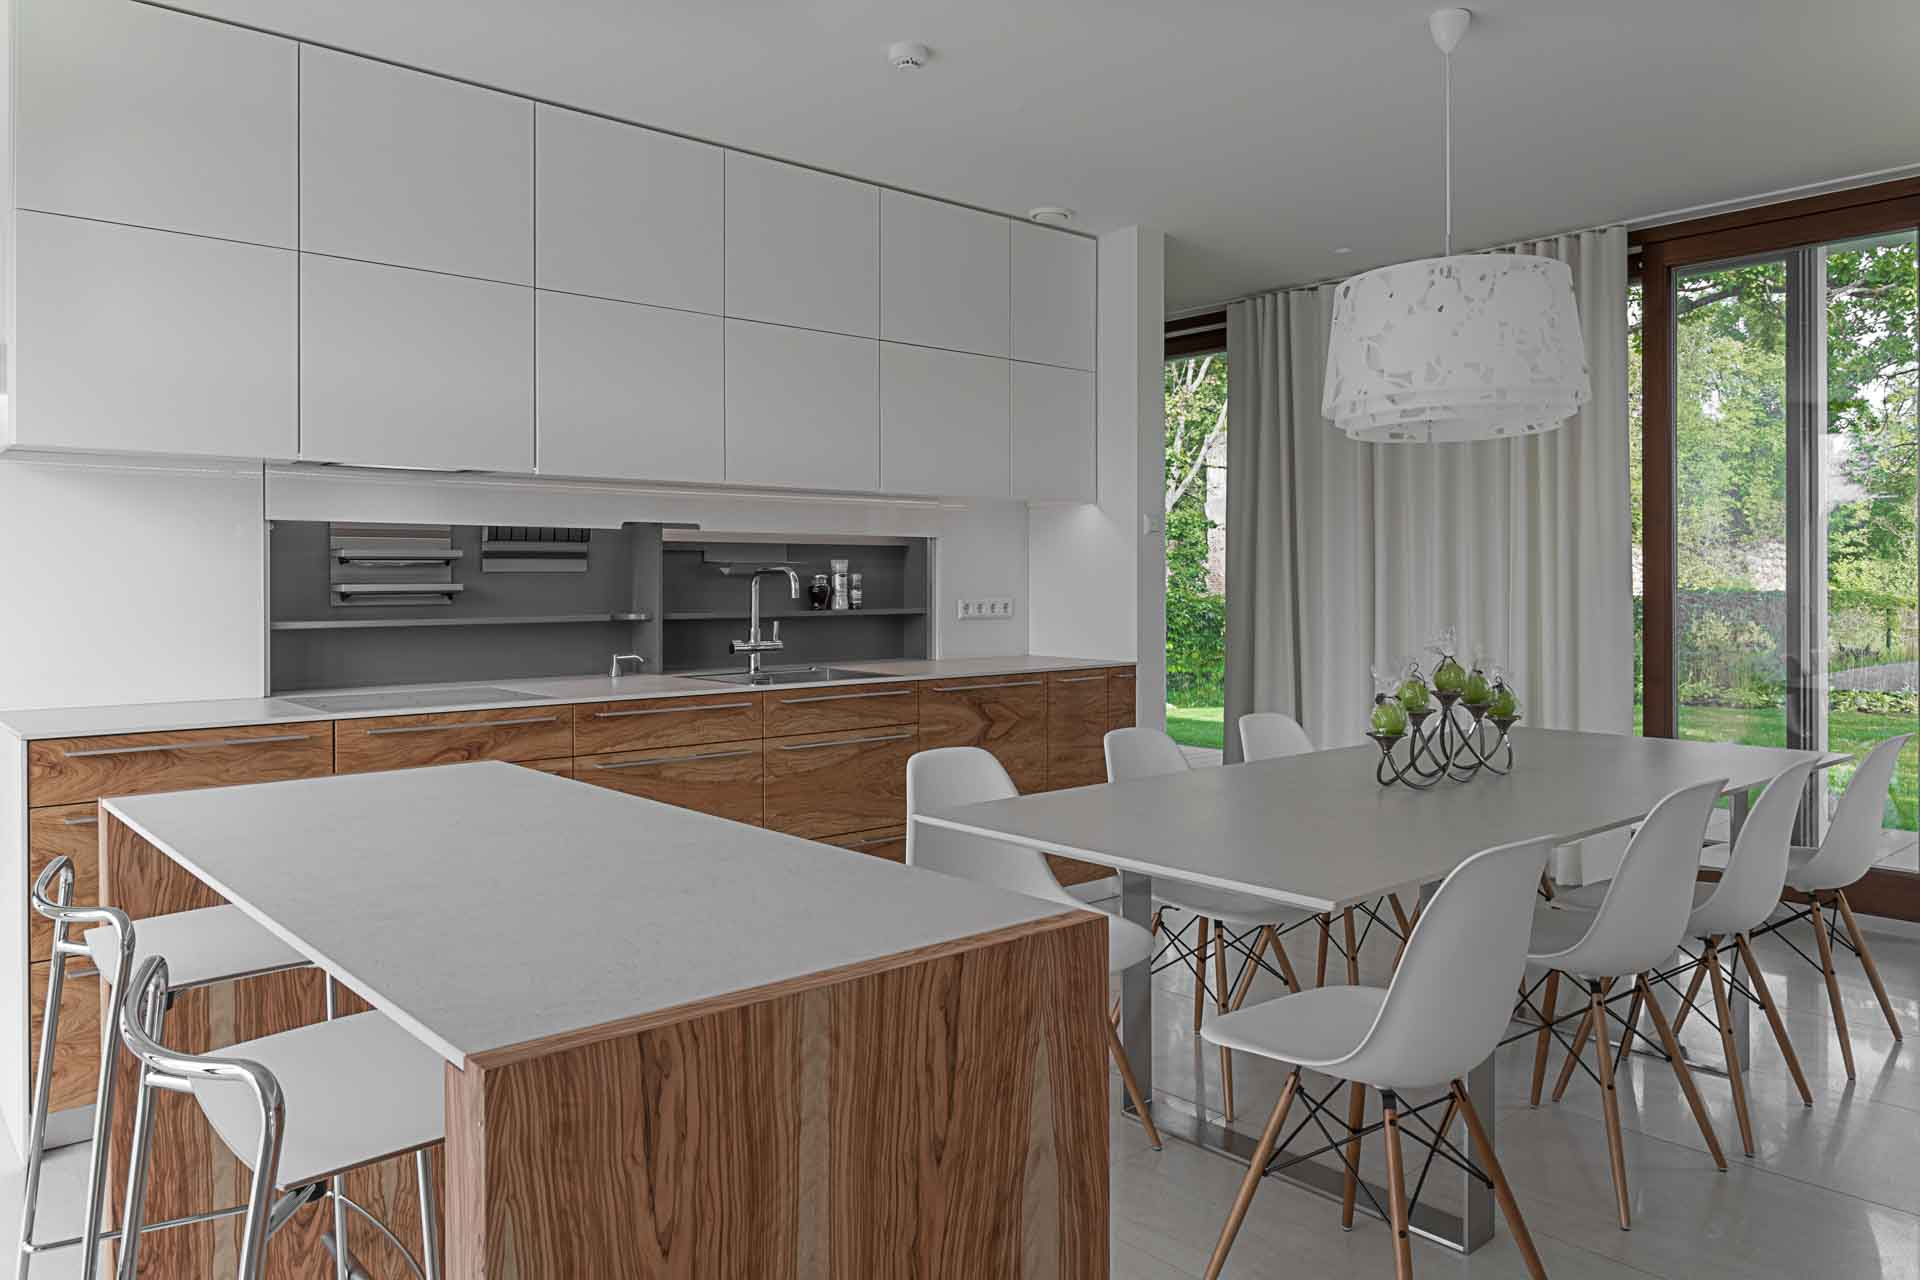 Produzione di mobili da cucina